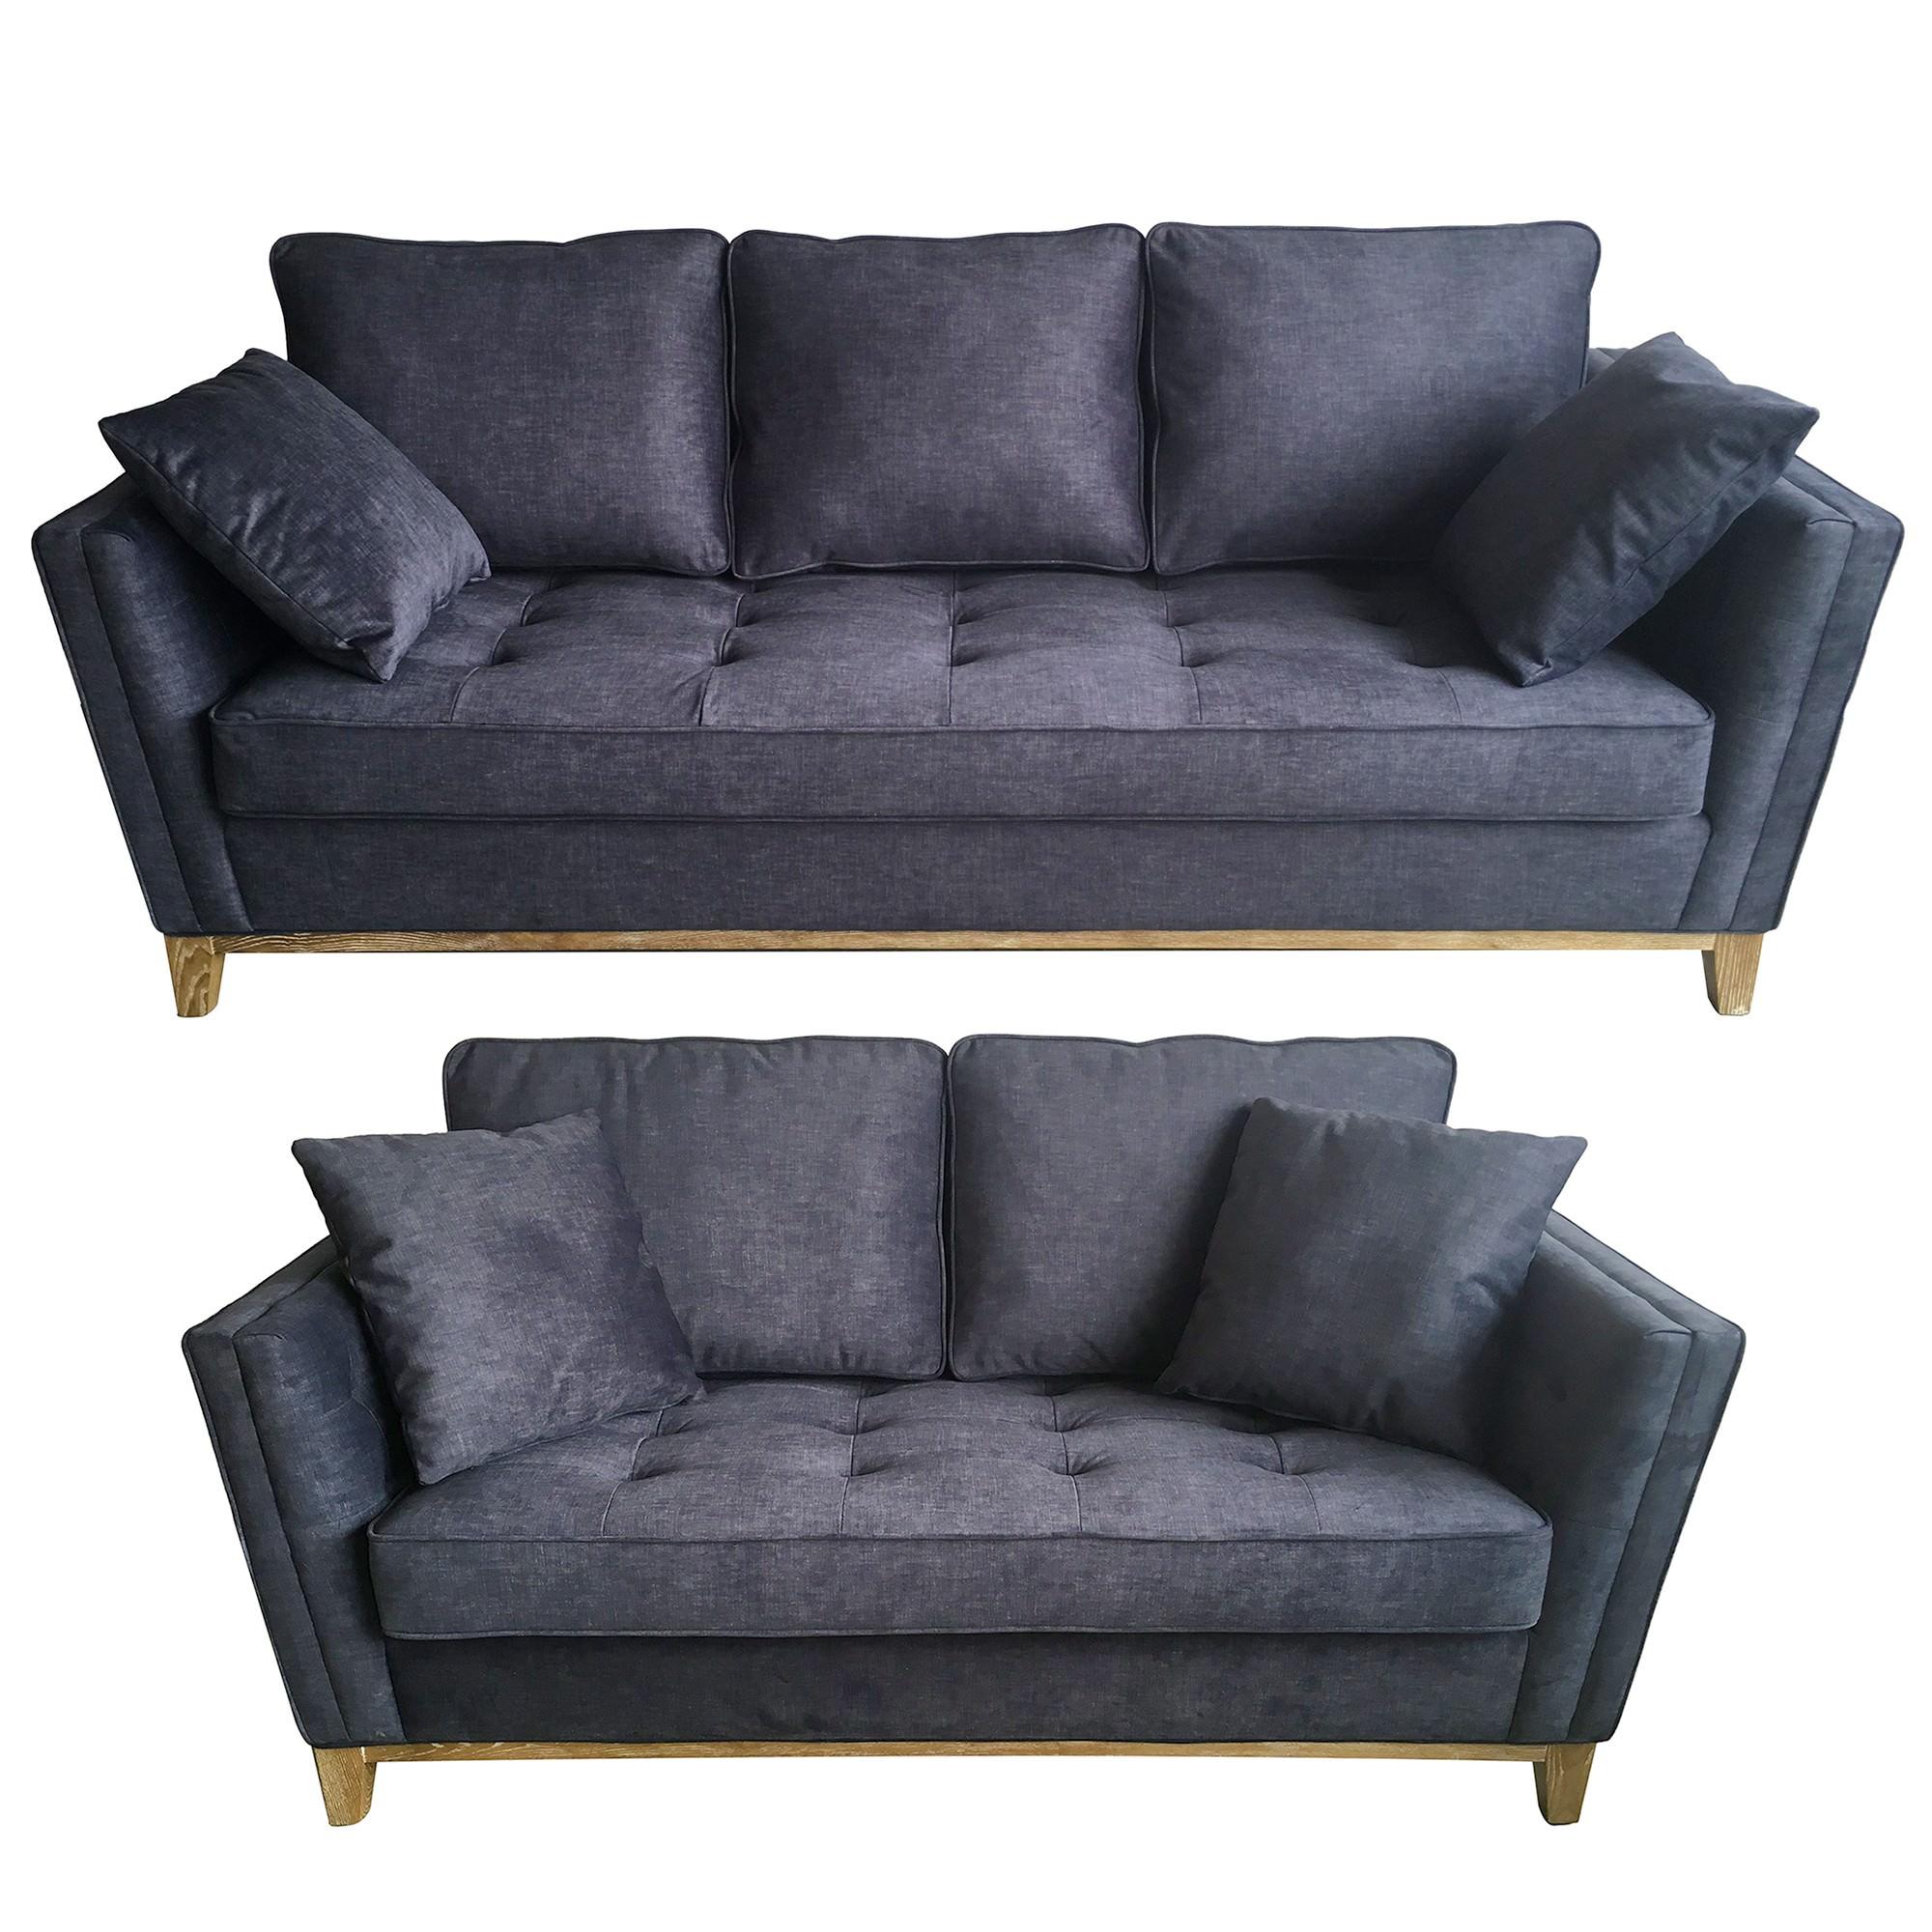 Affie 2 Piece Fabric Sofa Set, 3+2 Seater, Indigo